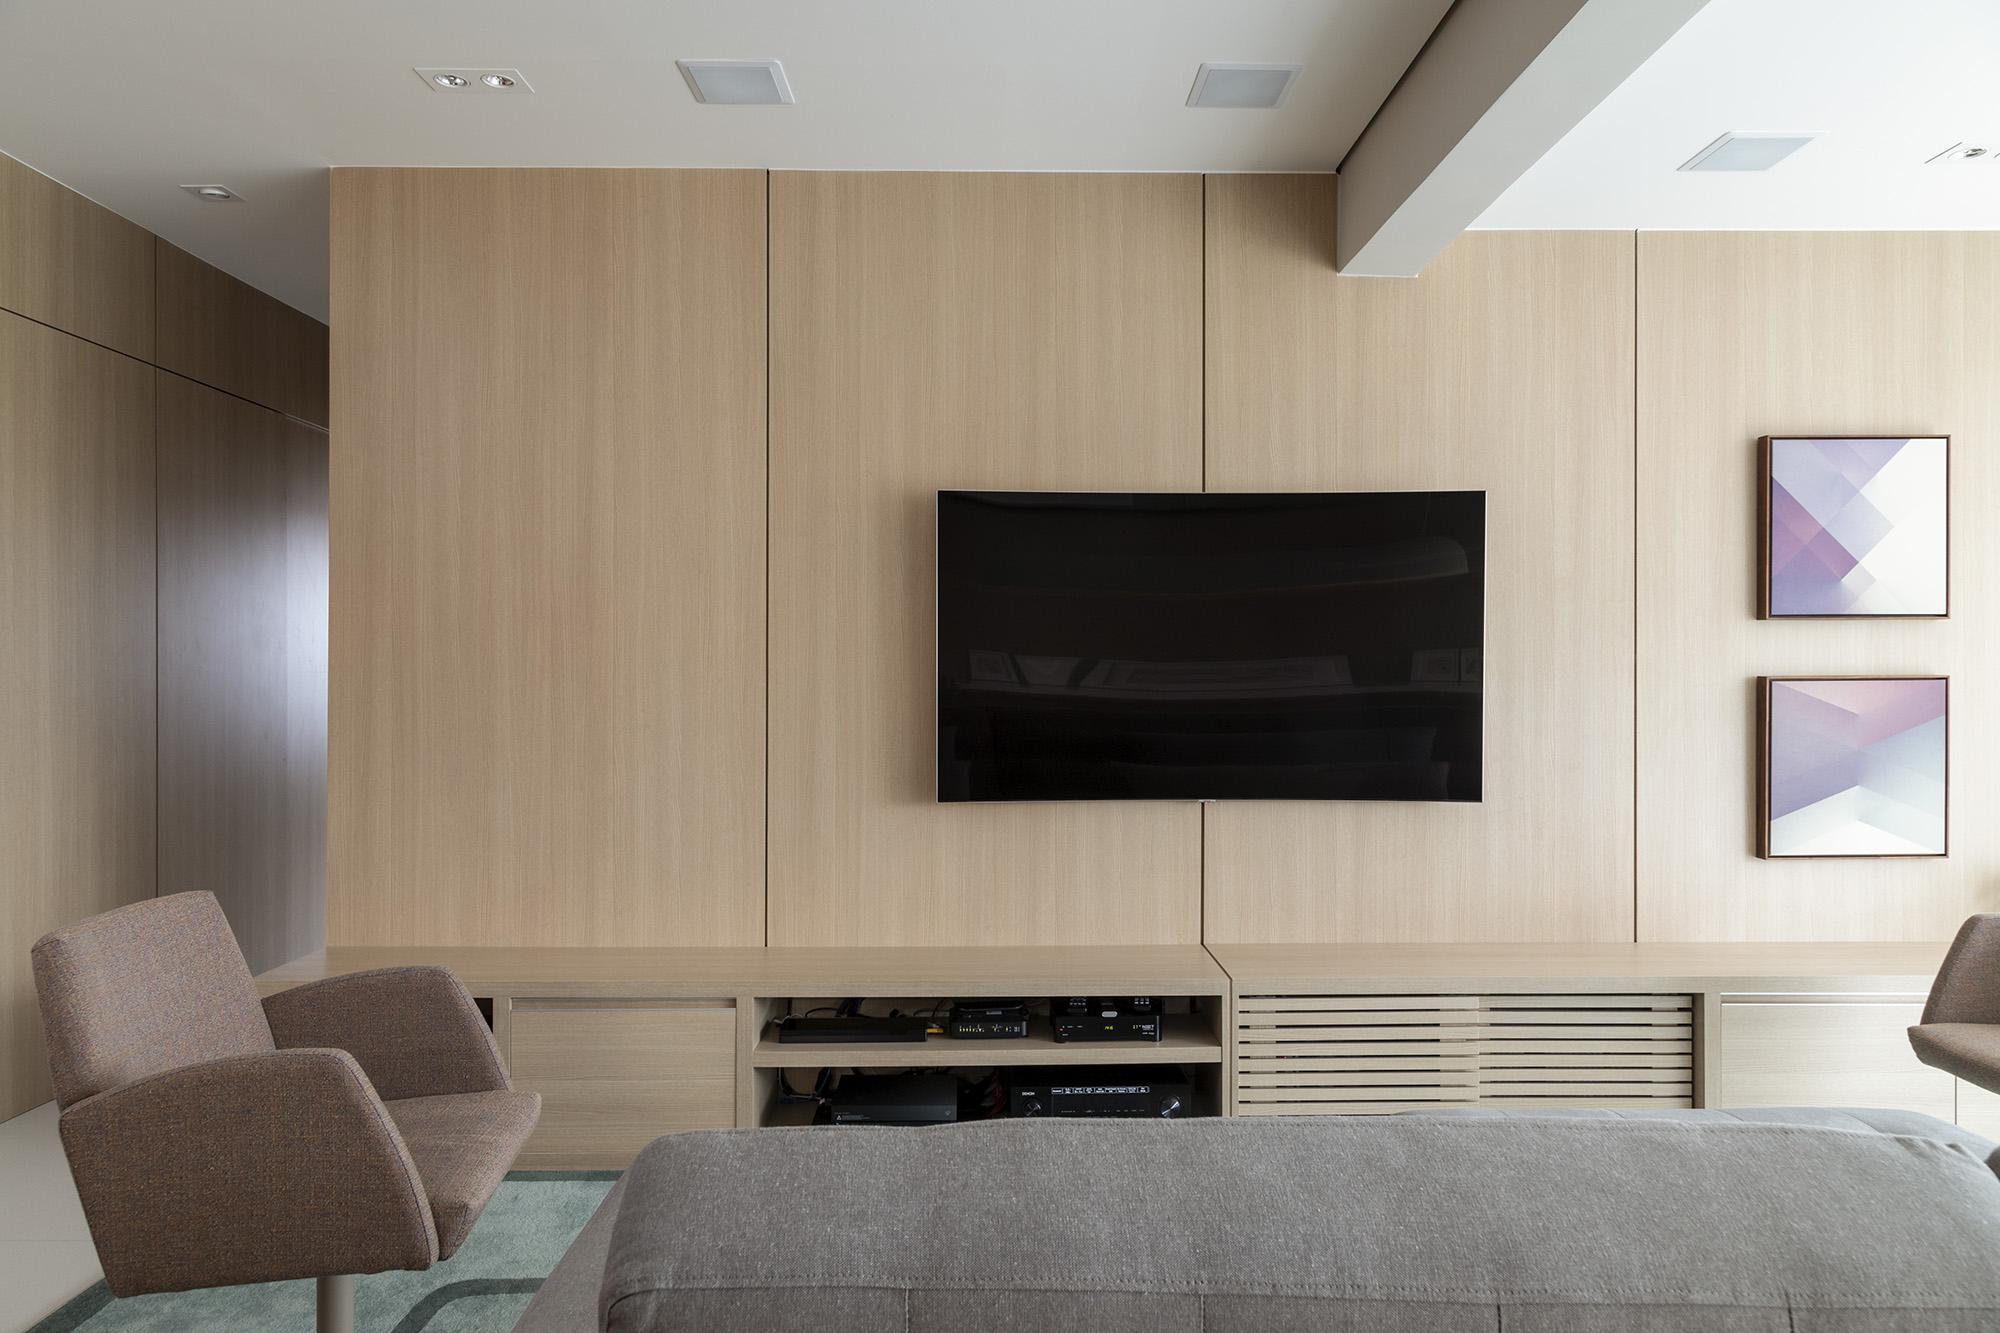 Painéis de madeira em tons suaves levam atmosfera clean ao projeto.